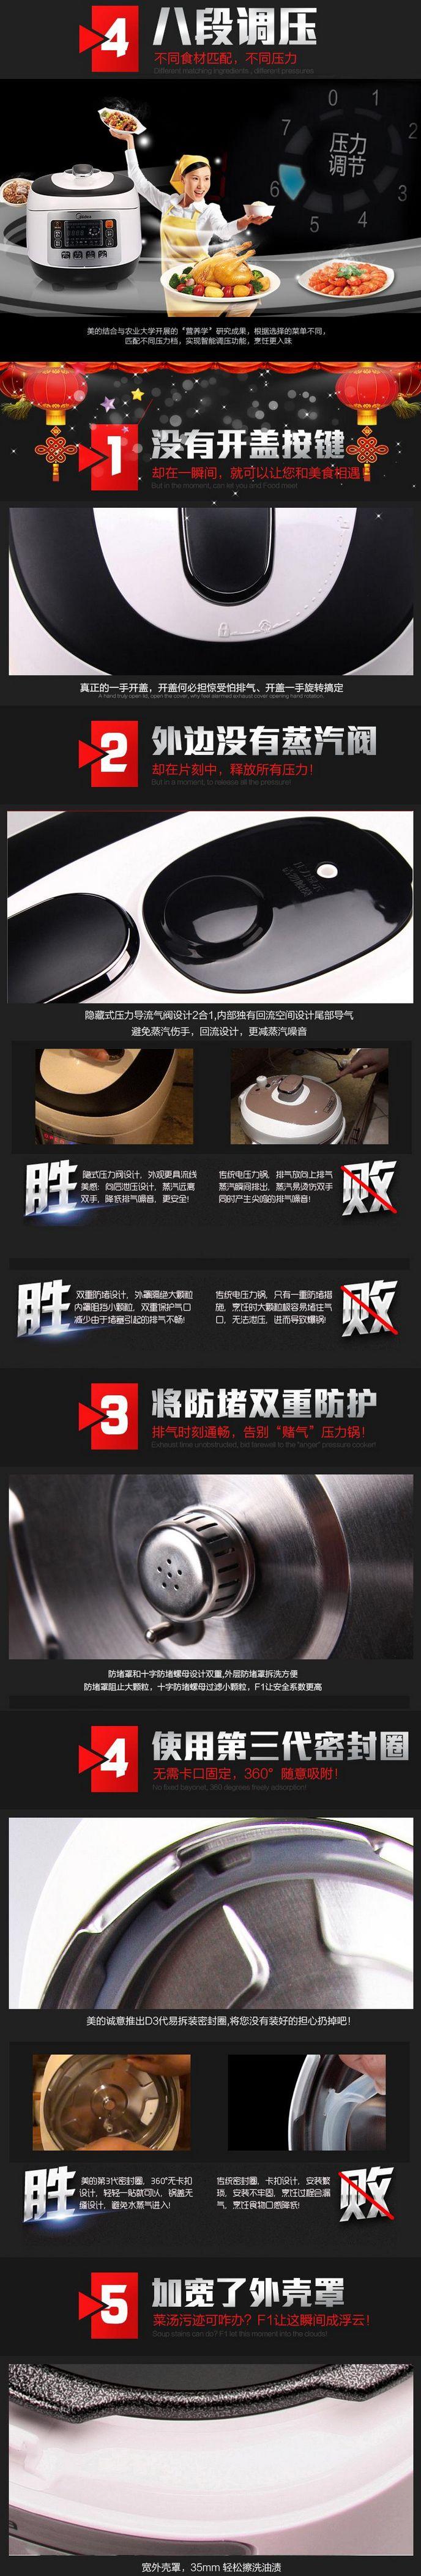 独家!Midea 美的 ES-5033 太极煲 一锅双胆 超豪华智能电压力锅5.5折 94.98加元包邮!